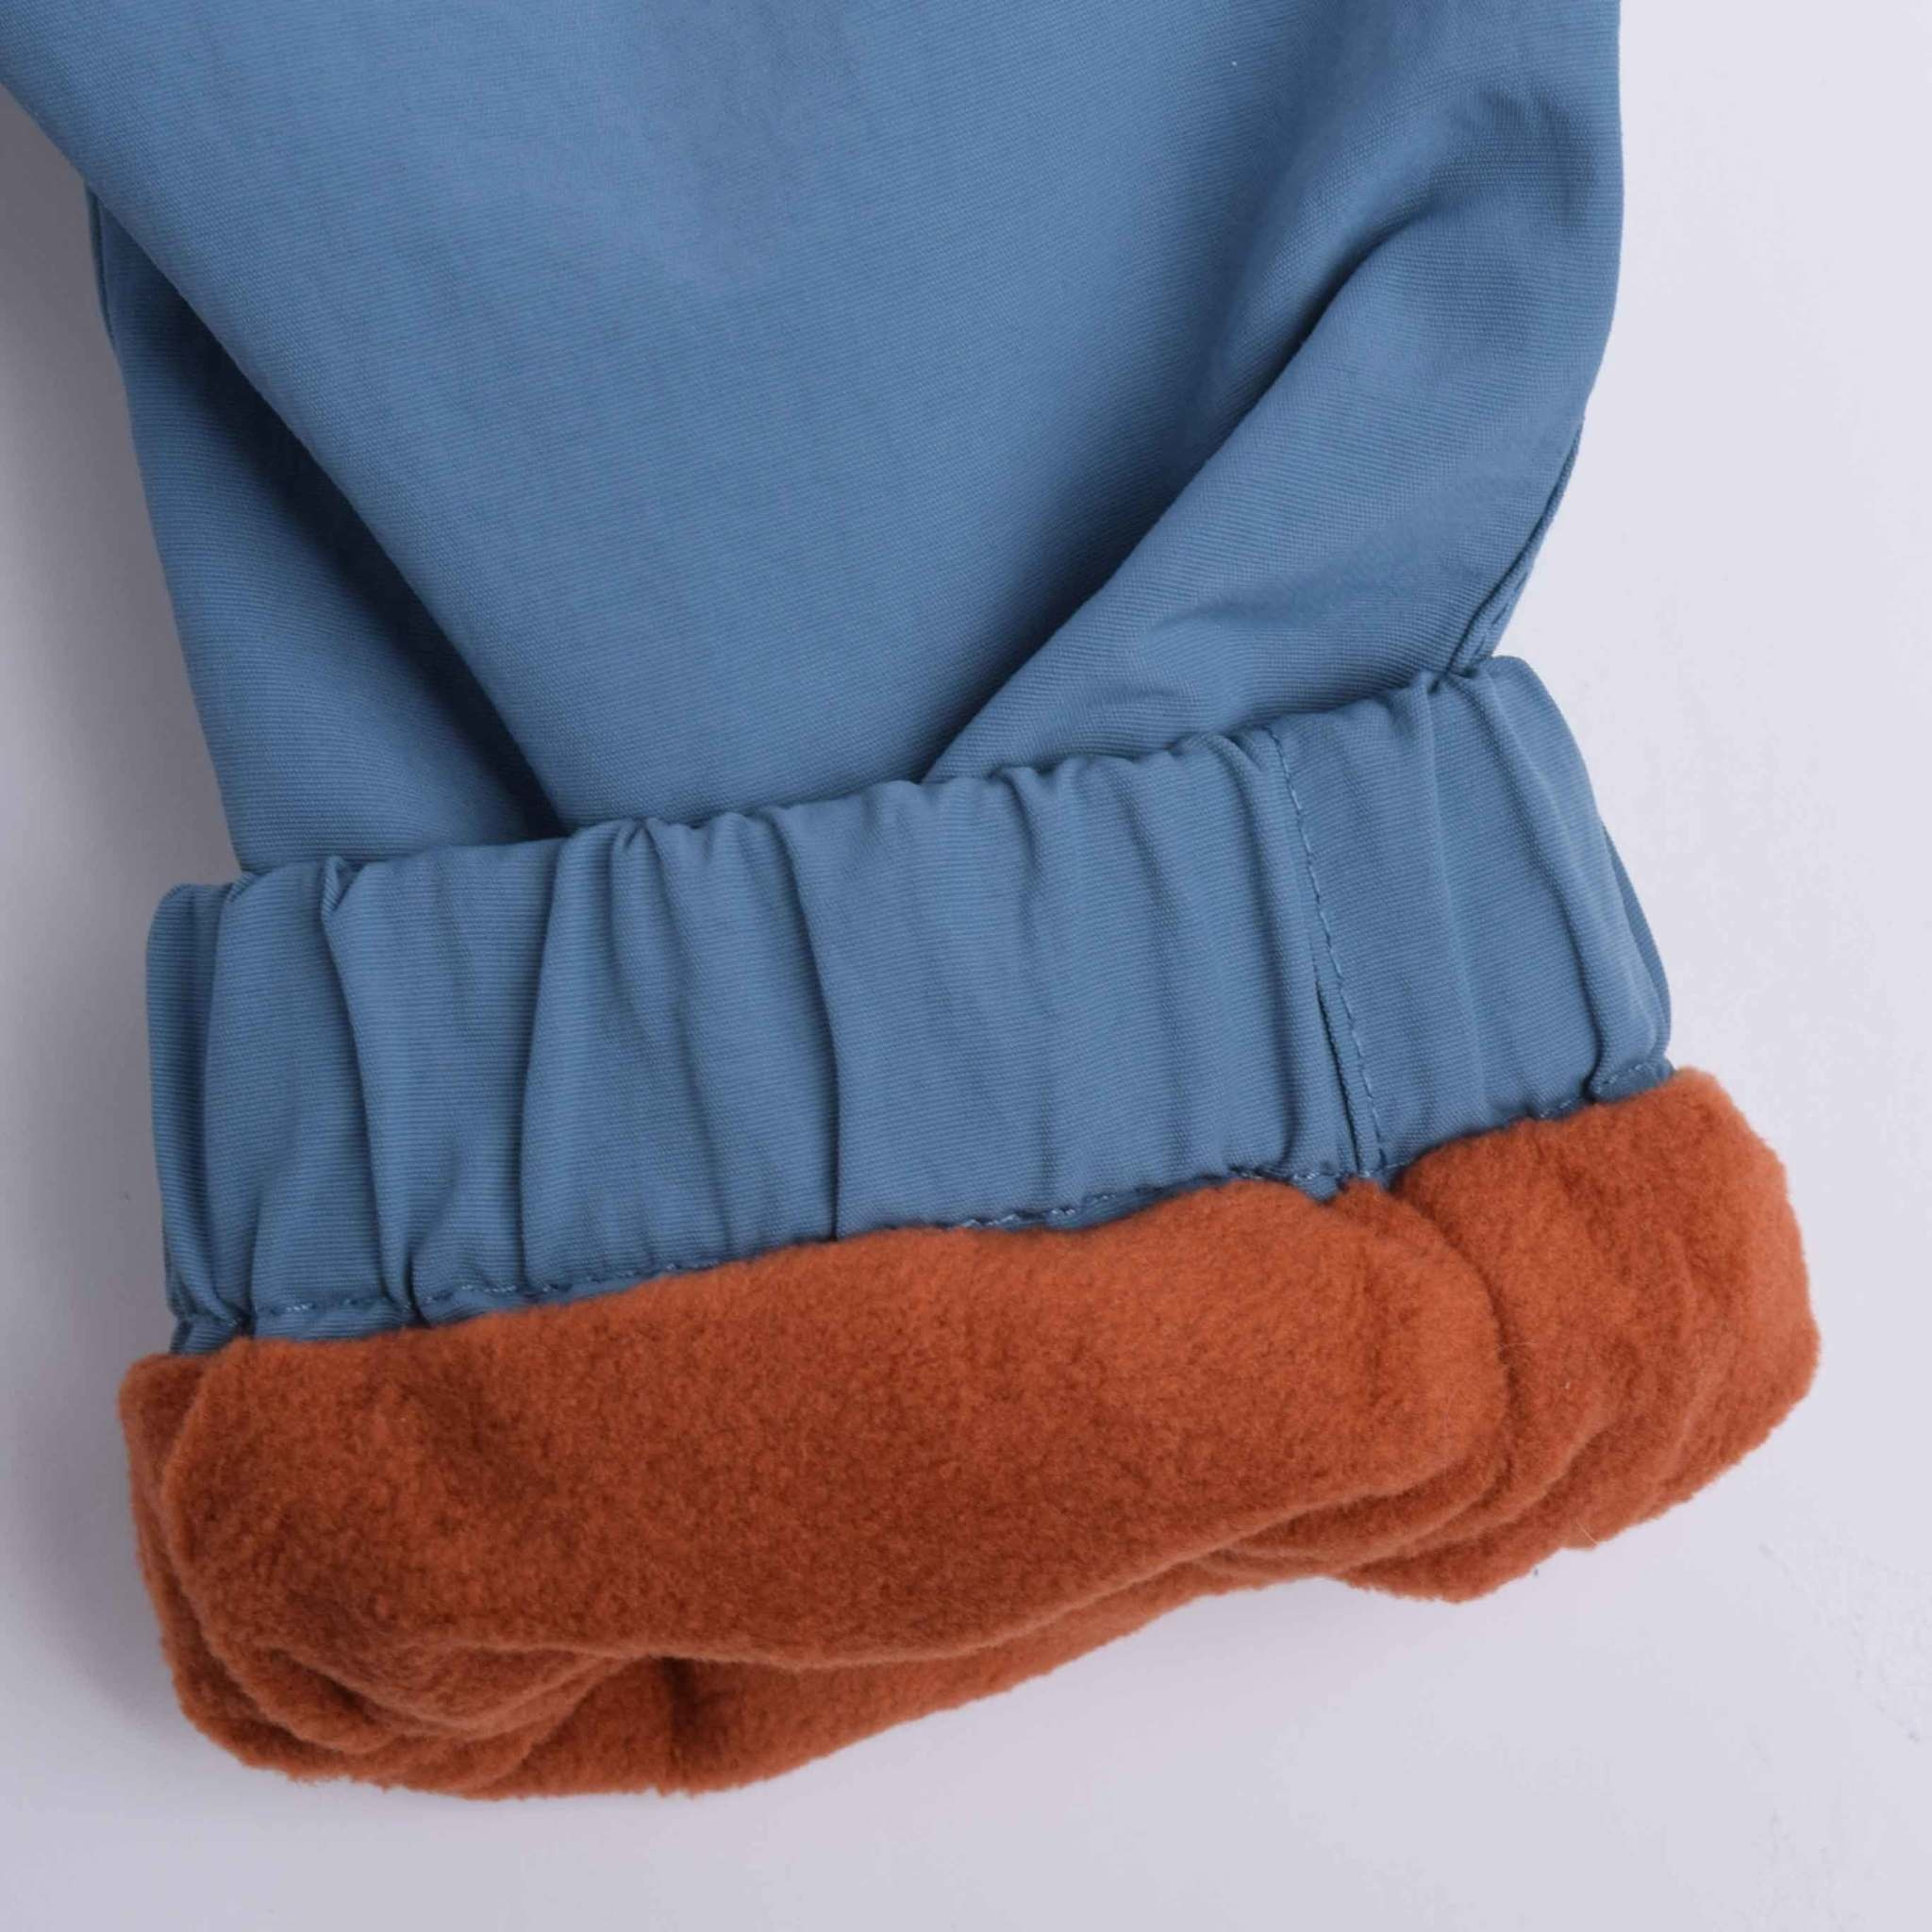 Pantalon D'Extérieur doublé Polar - TWENTY TWO 1.0-4